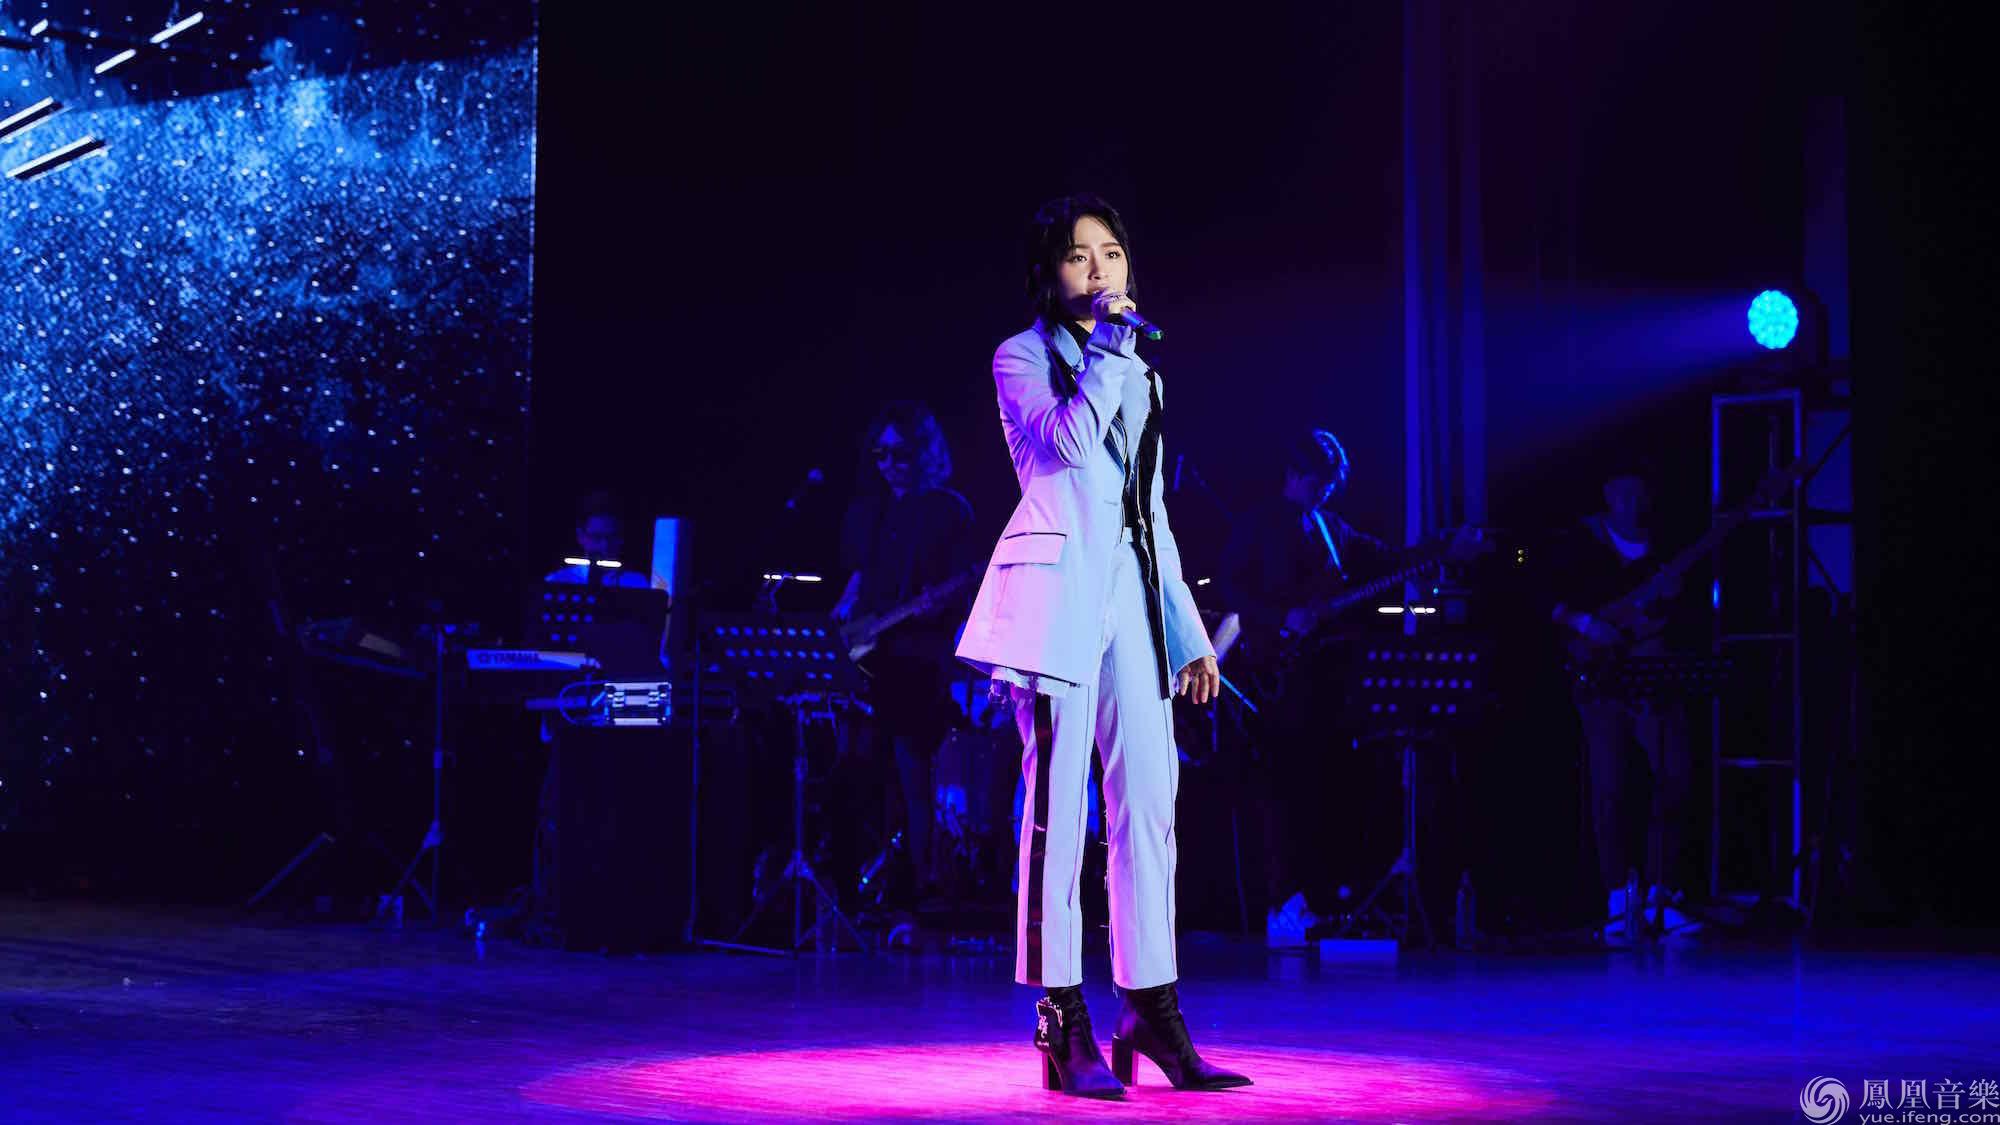 周笔畅校园谈唱会首站西安 全场合唱最美的期待